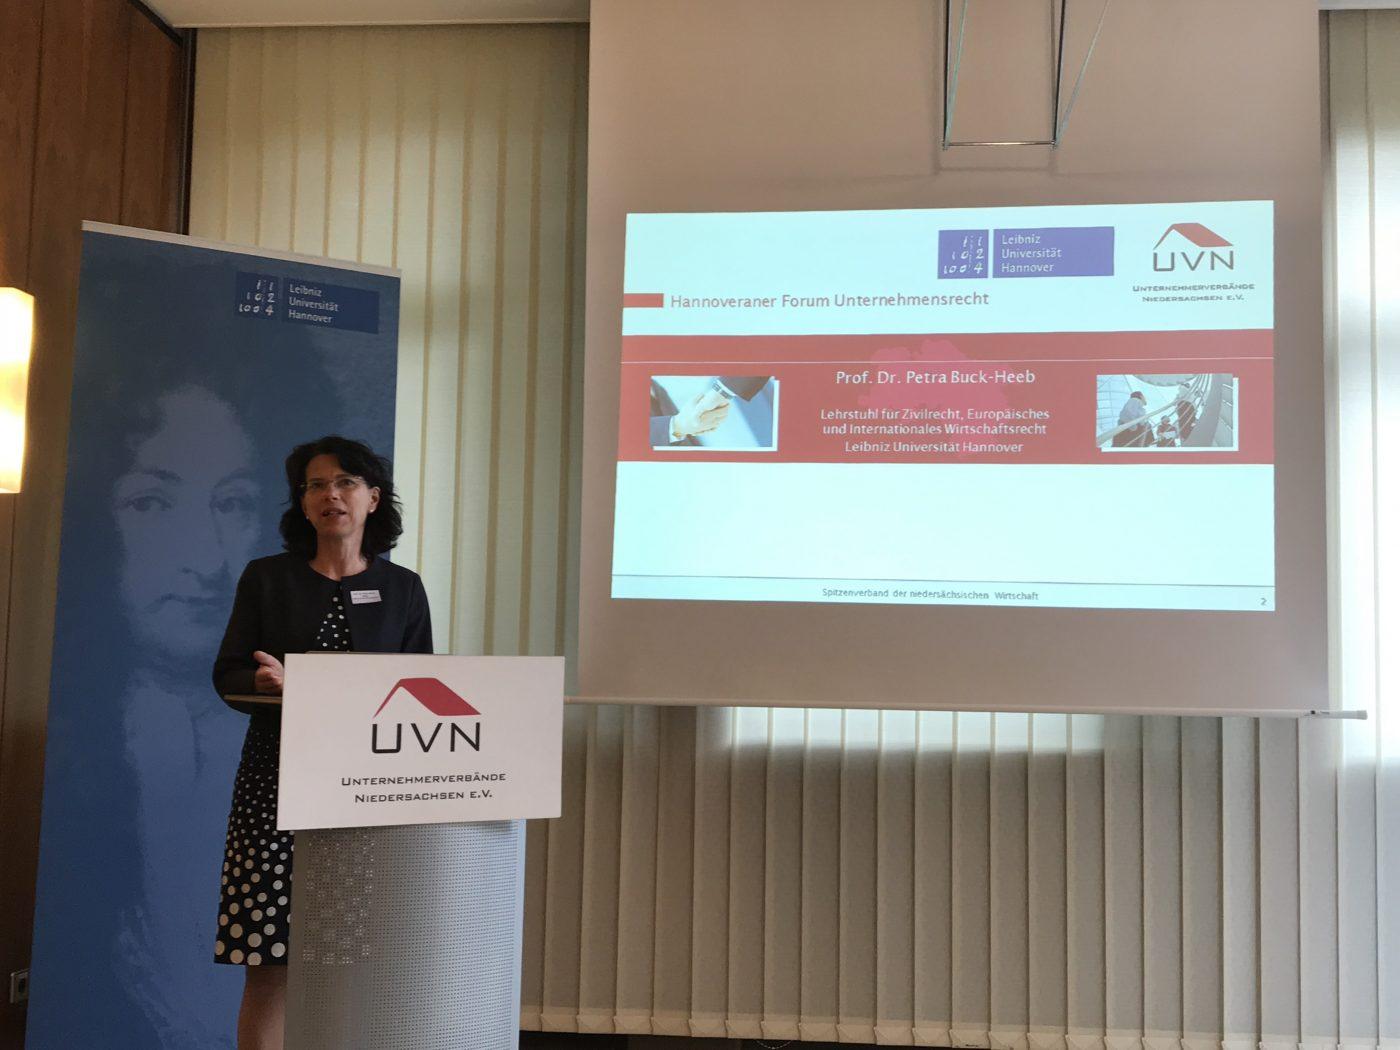 2. Hannoveraner Forum Unternehmensrecht